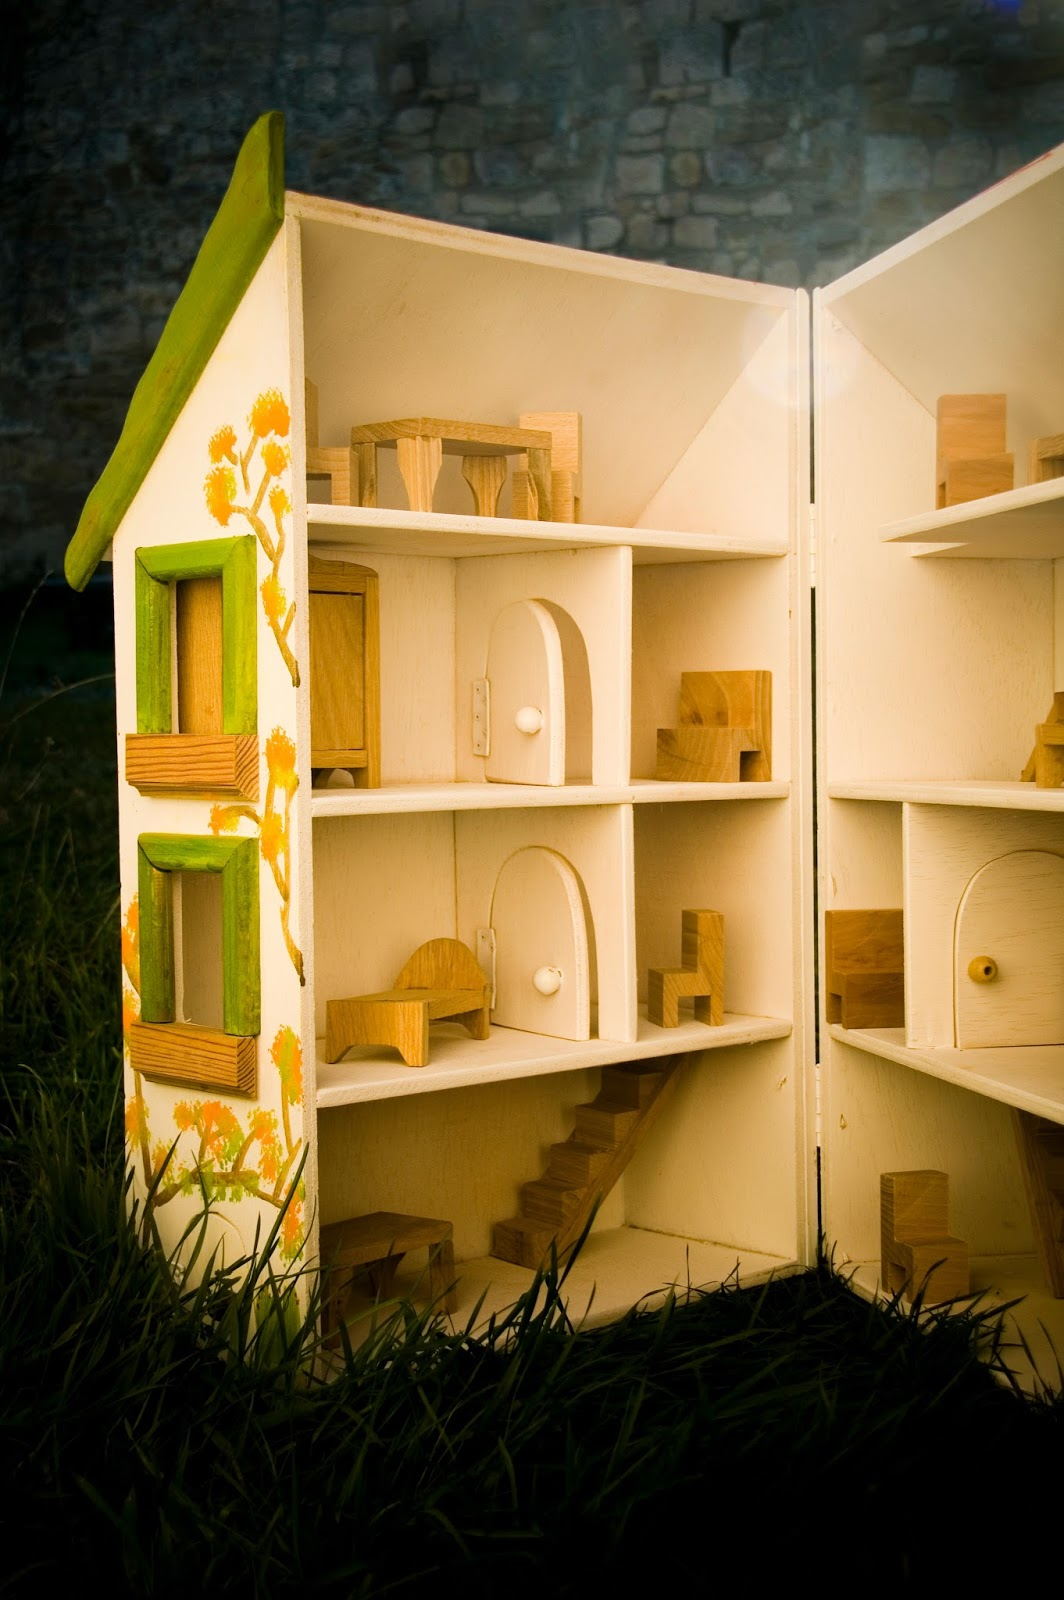 El kabauter casitas de madera - Casitas pequenas de madera ...